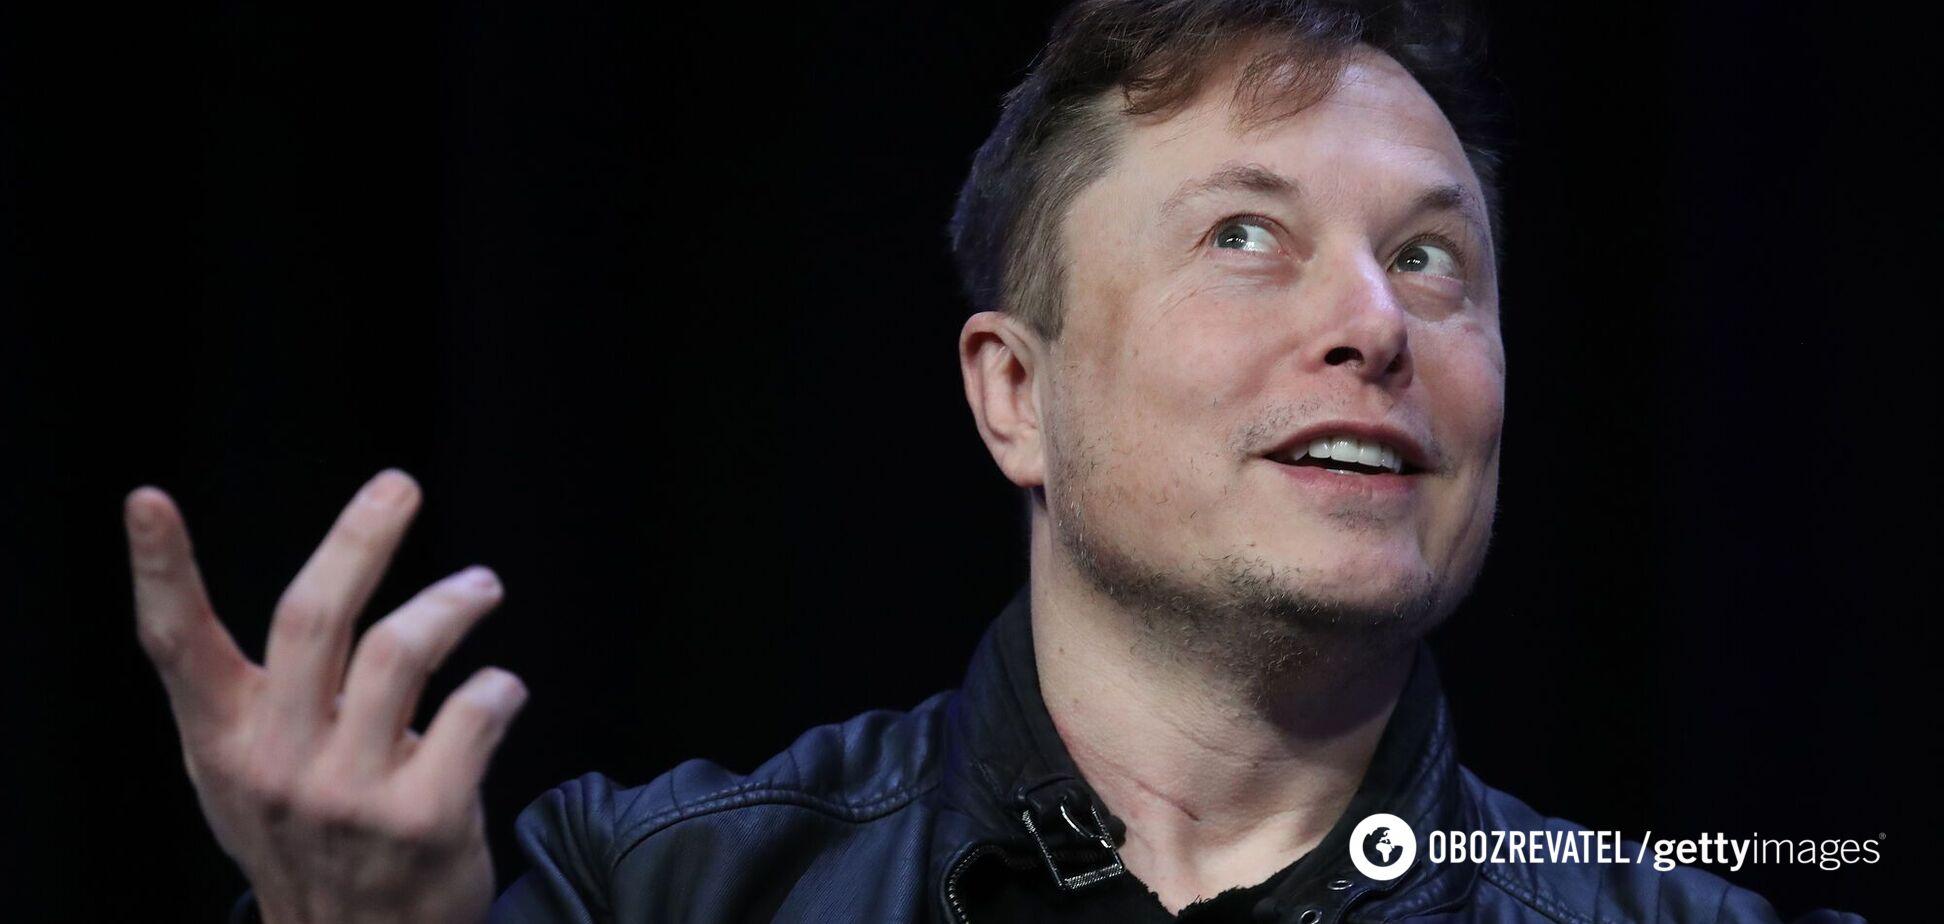 Маск обійшов Гейтса у рейтингу найбагатших людей світу